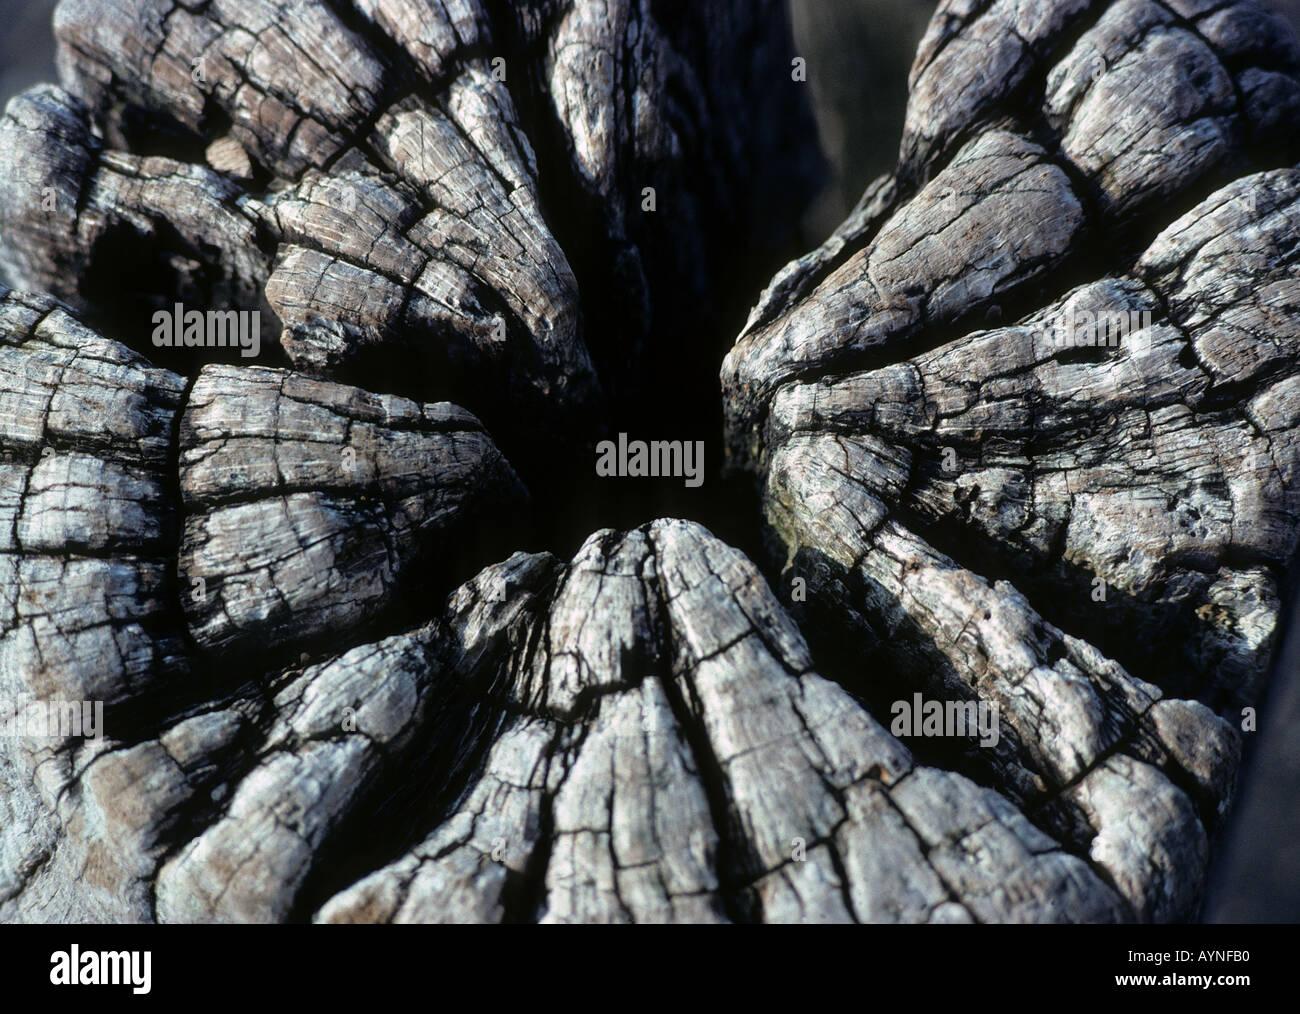 Close up weathered legno sbiancato moncone di supporto di un molo abbandonati Immagini Stock